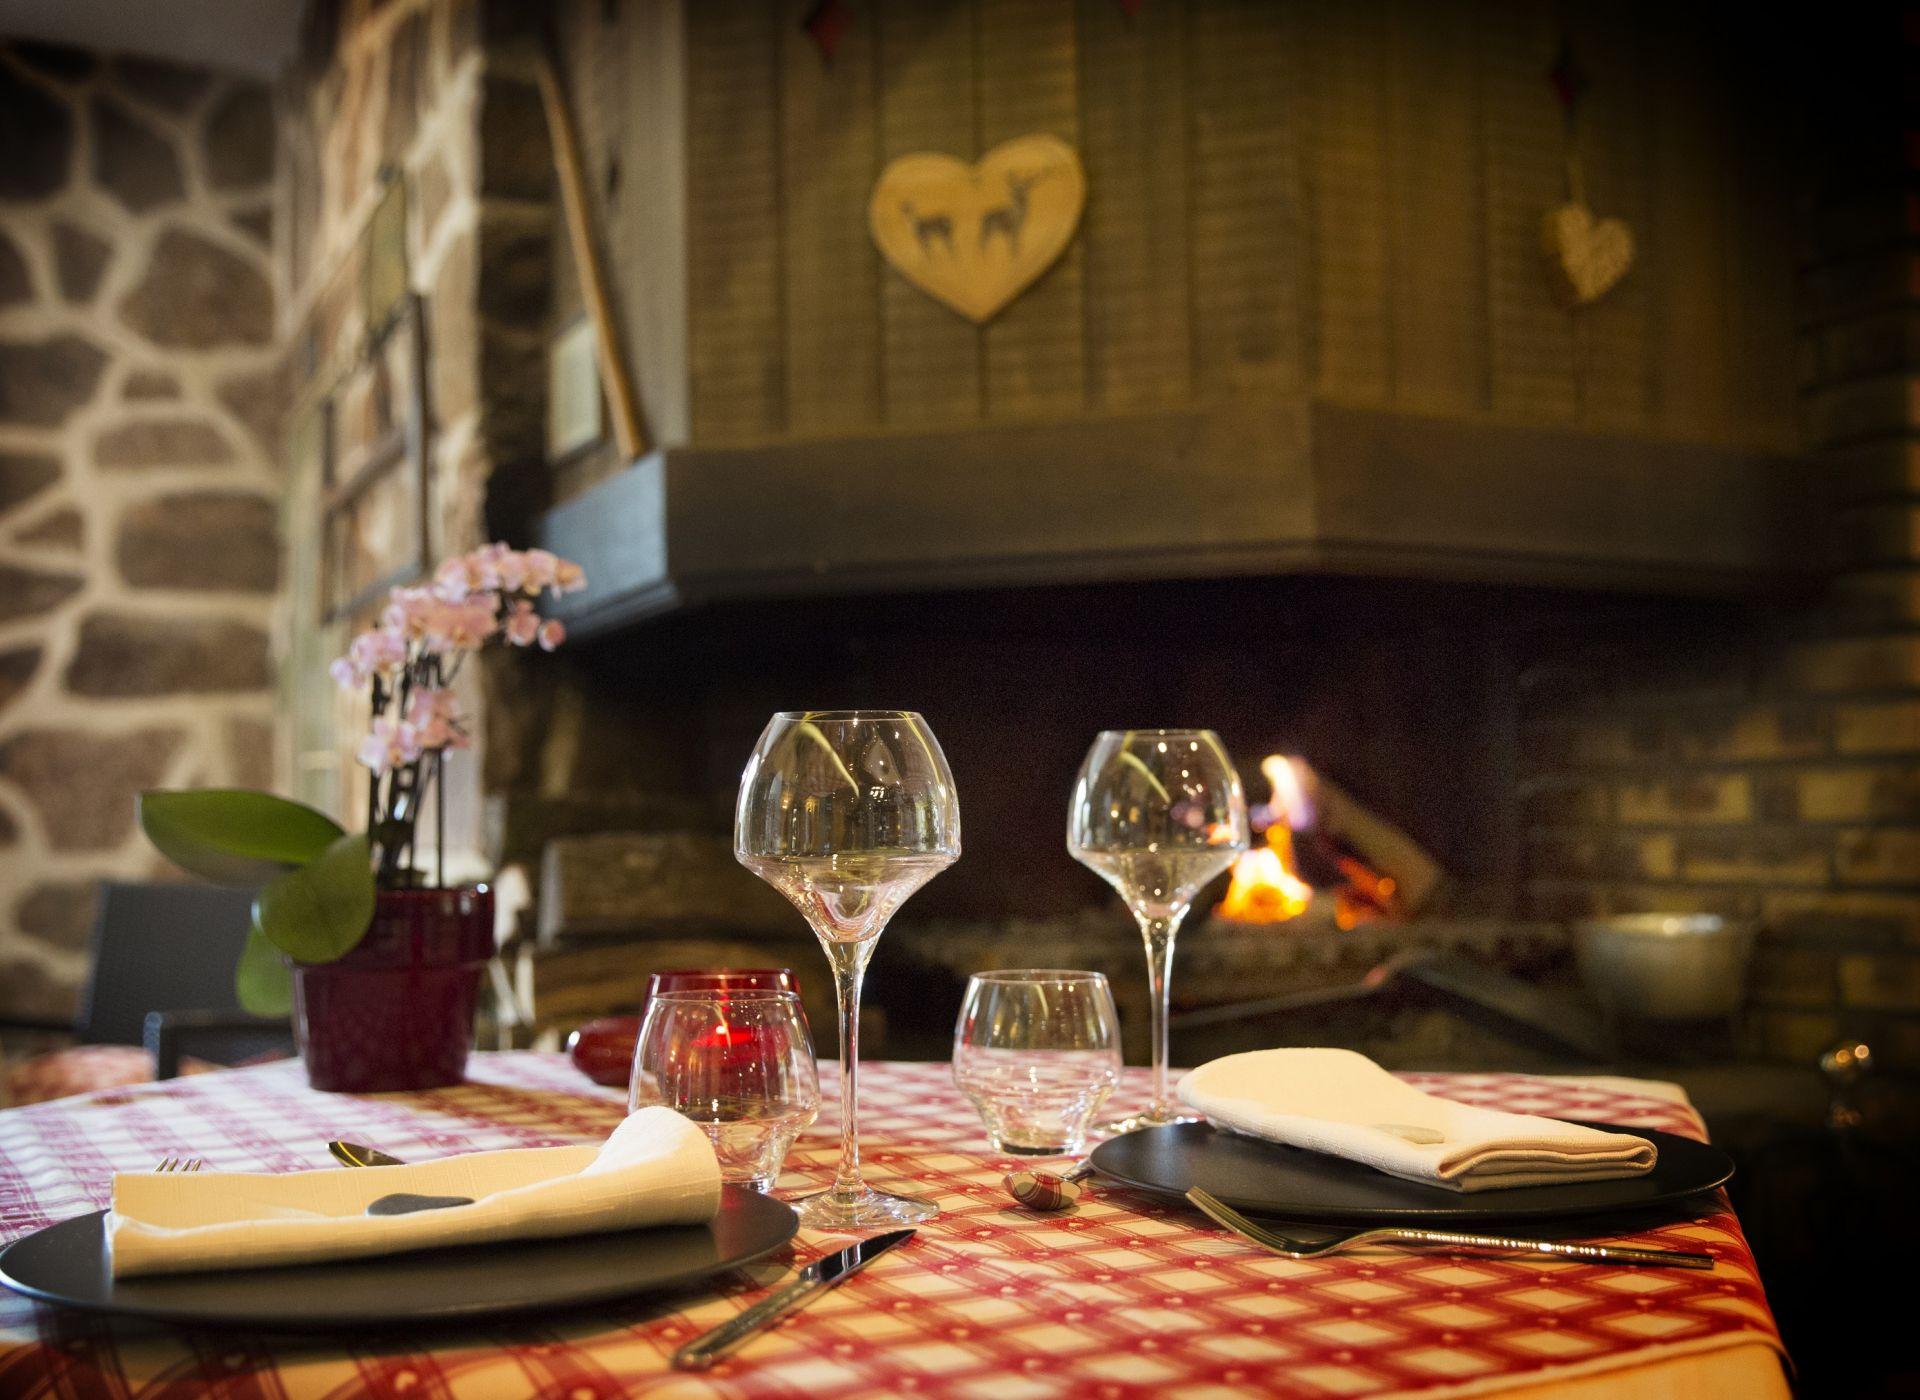 Restaurant la table du haut jardin - Lorraine Tourisme